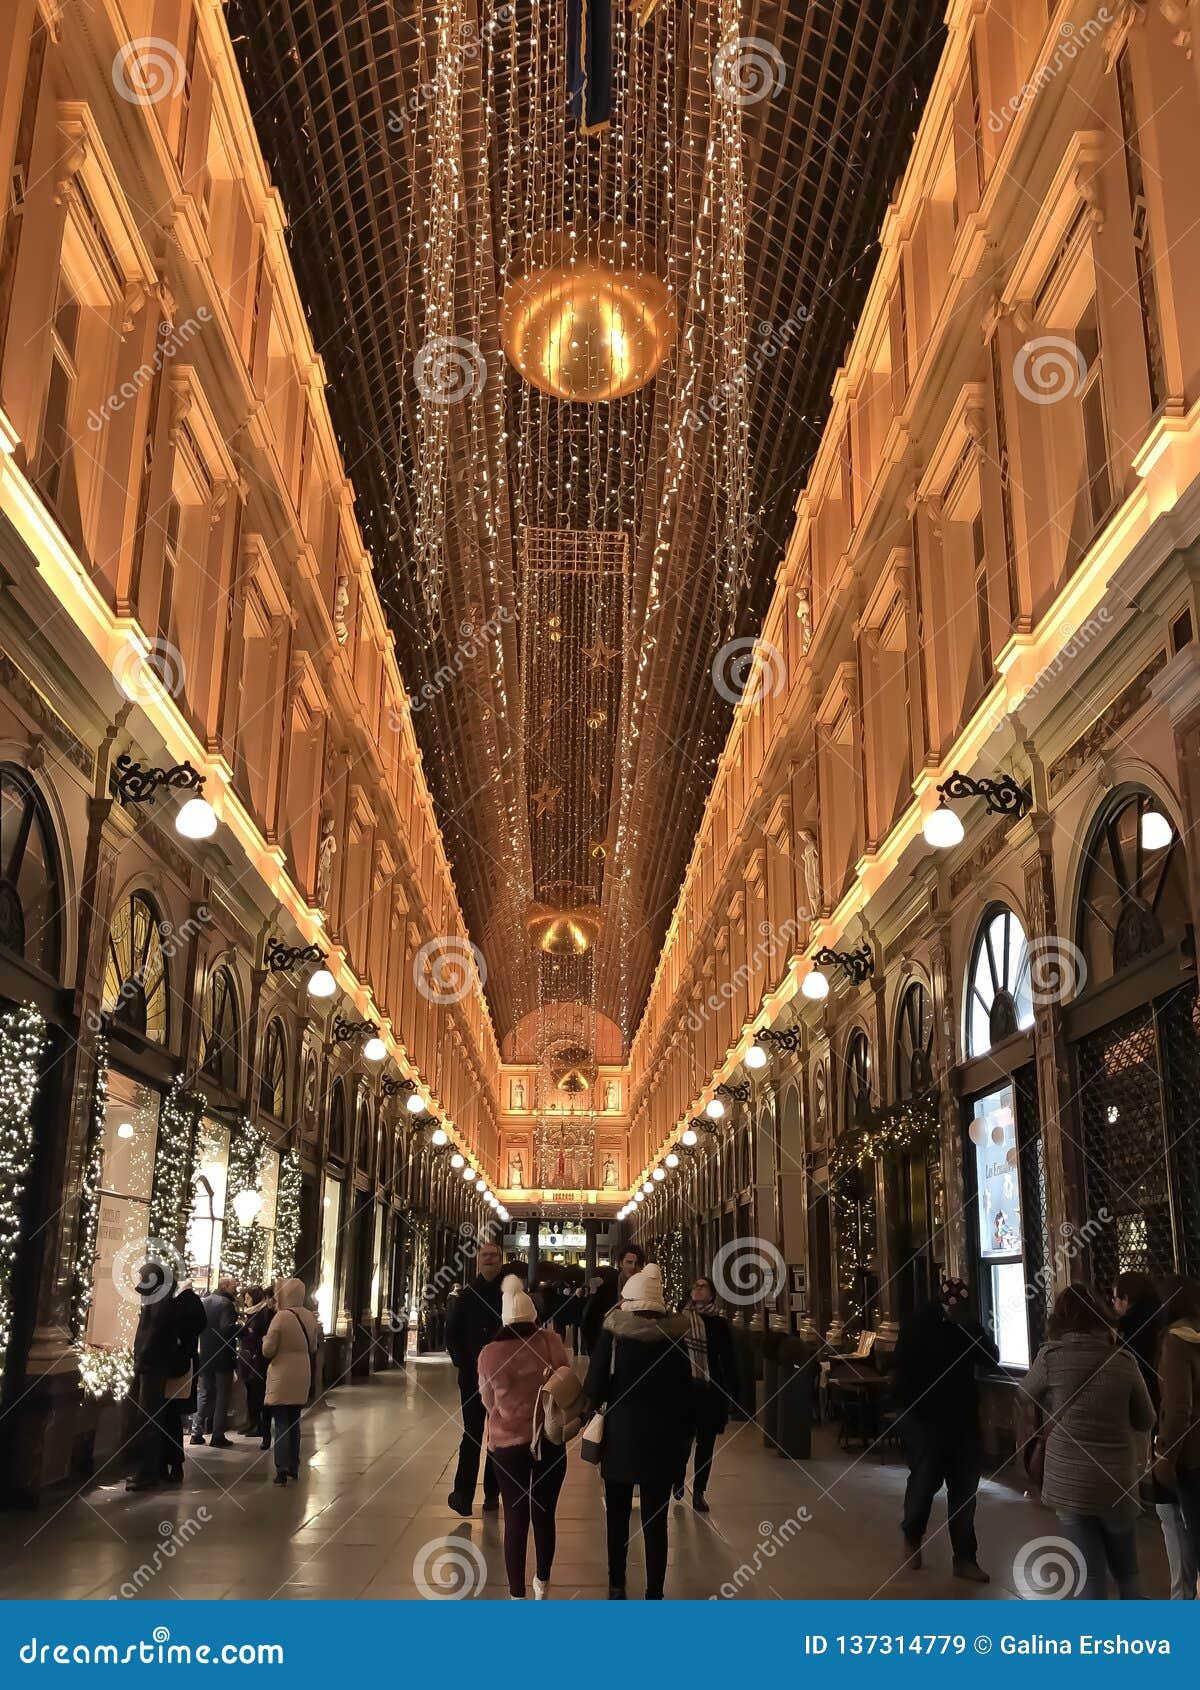 Humeur de Christmass dans la ville européenne